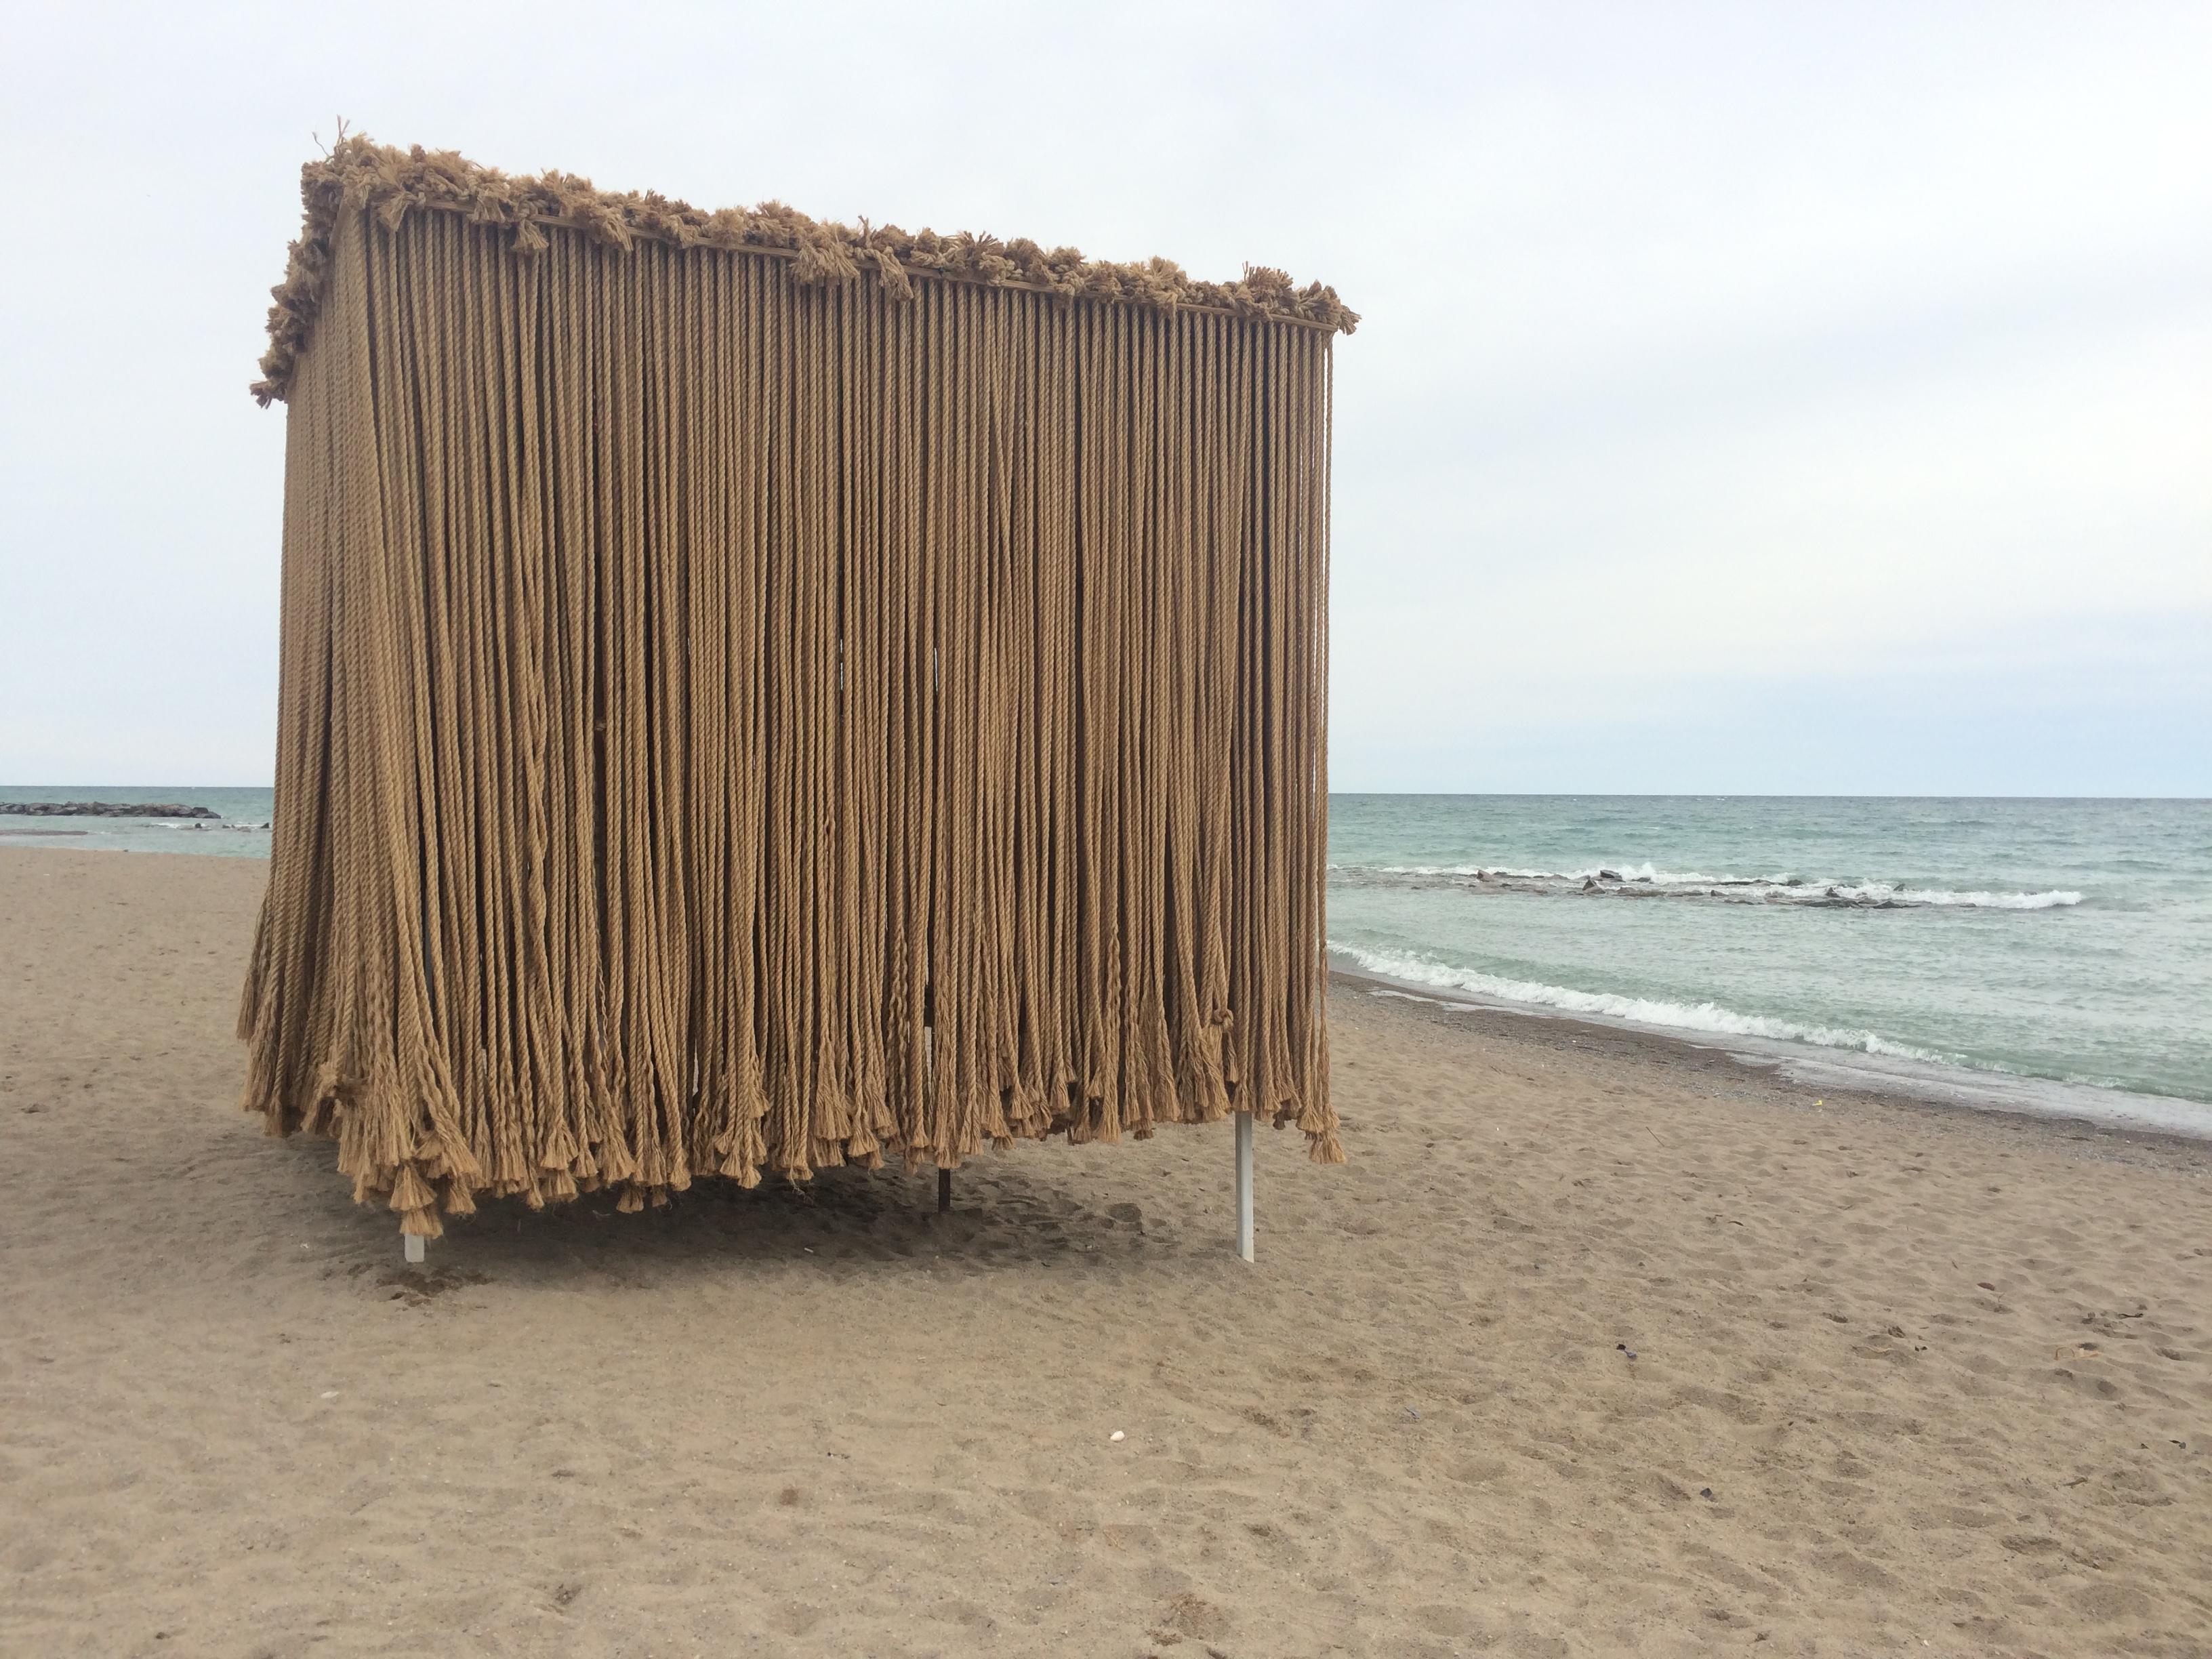 Art by the beach